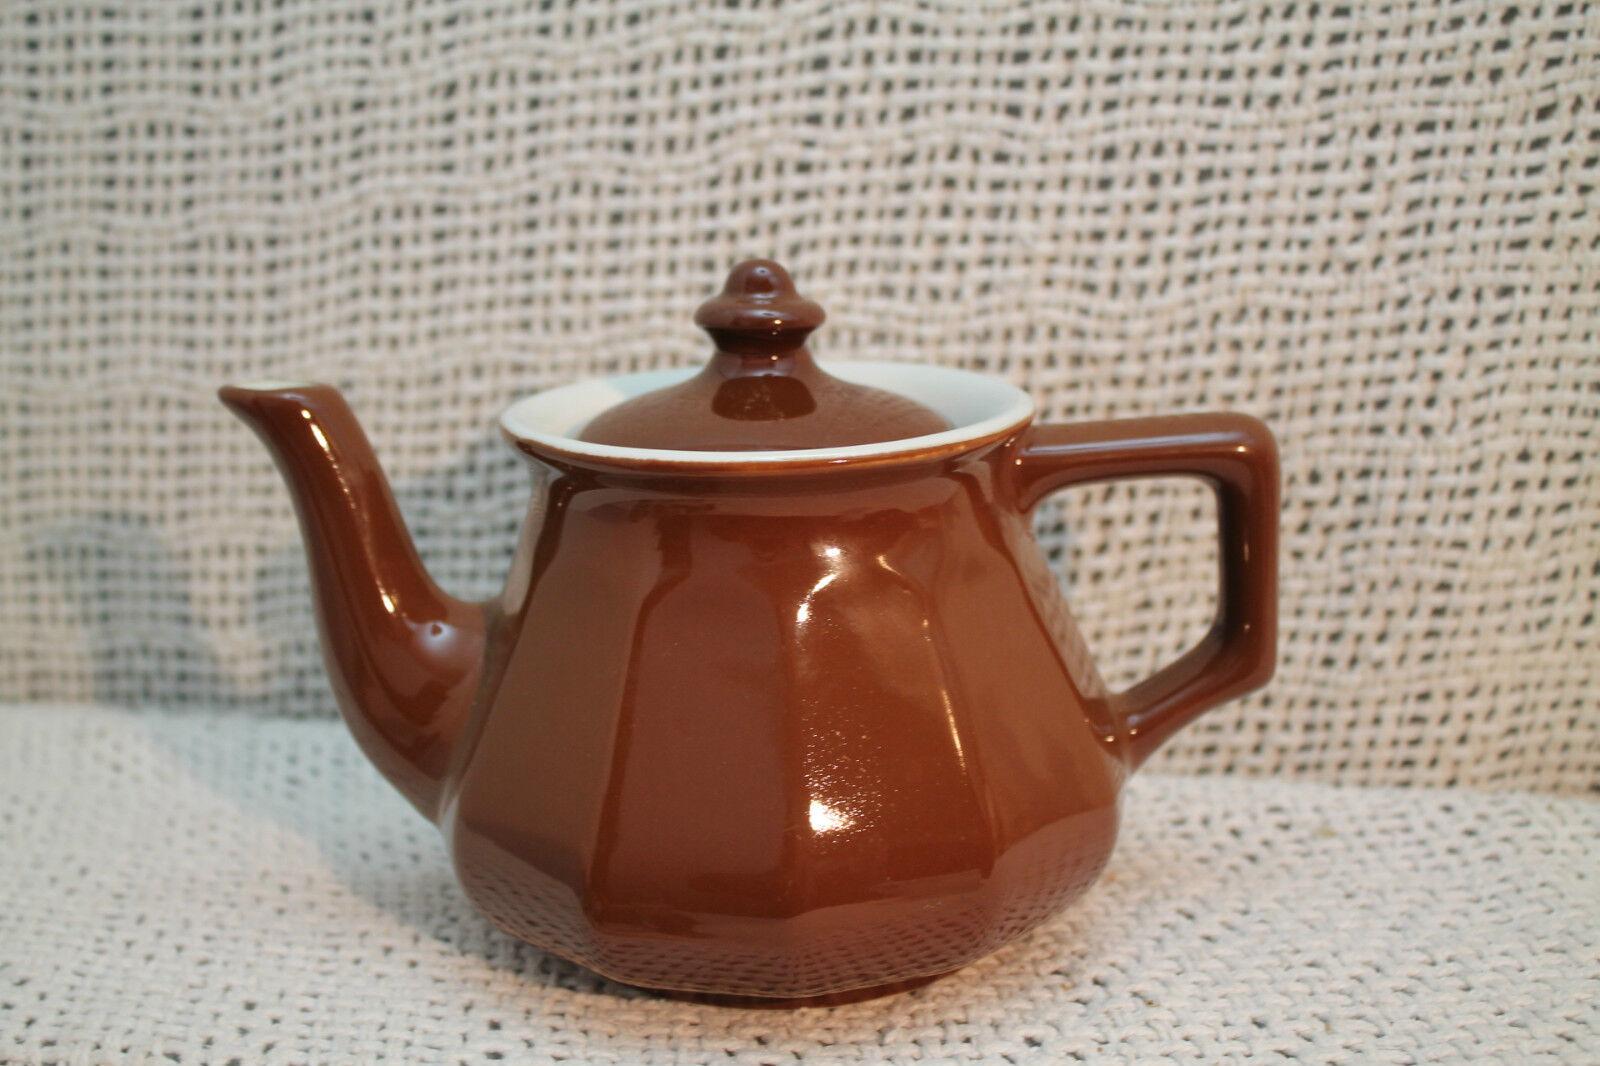 Céramique Vtg Ancienne Hall Théière Marron Chocolat Blanc Lourd Pottery Japonais